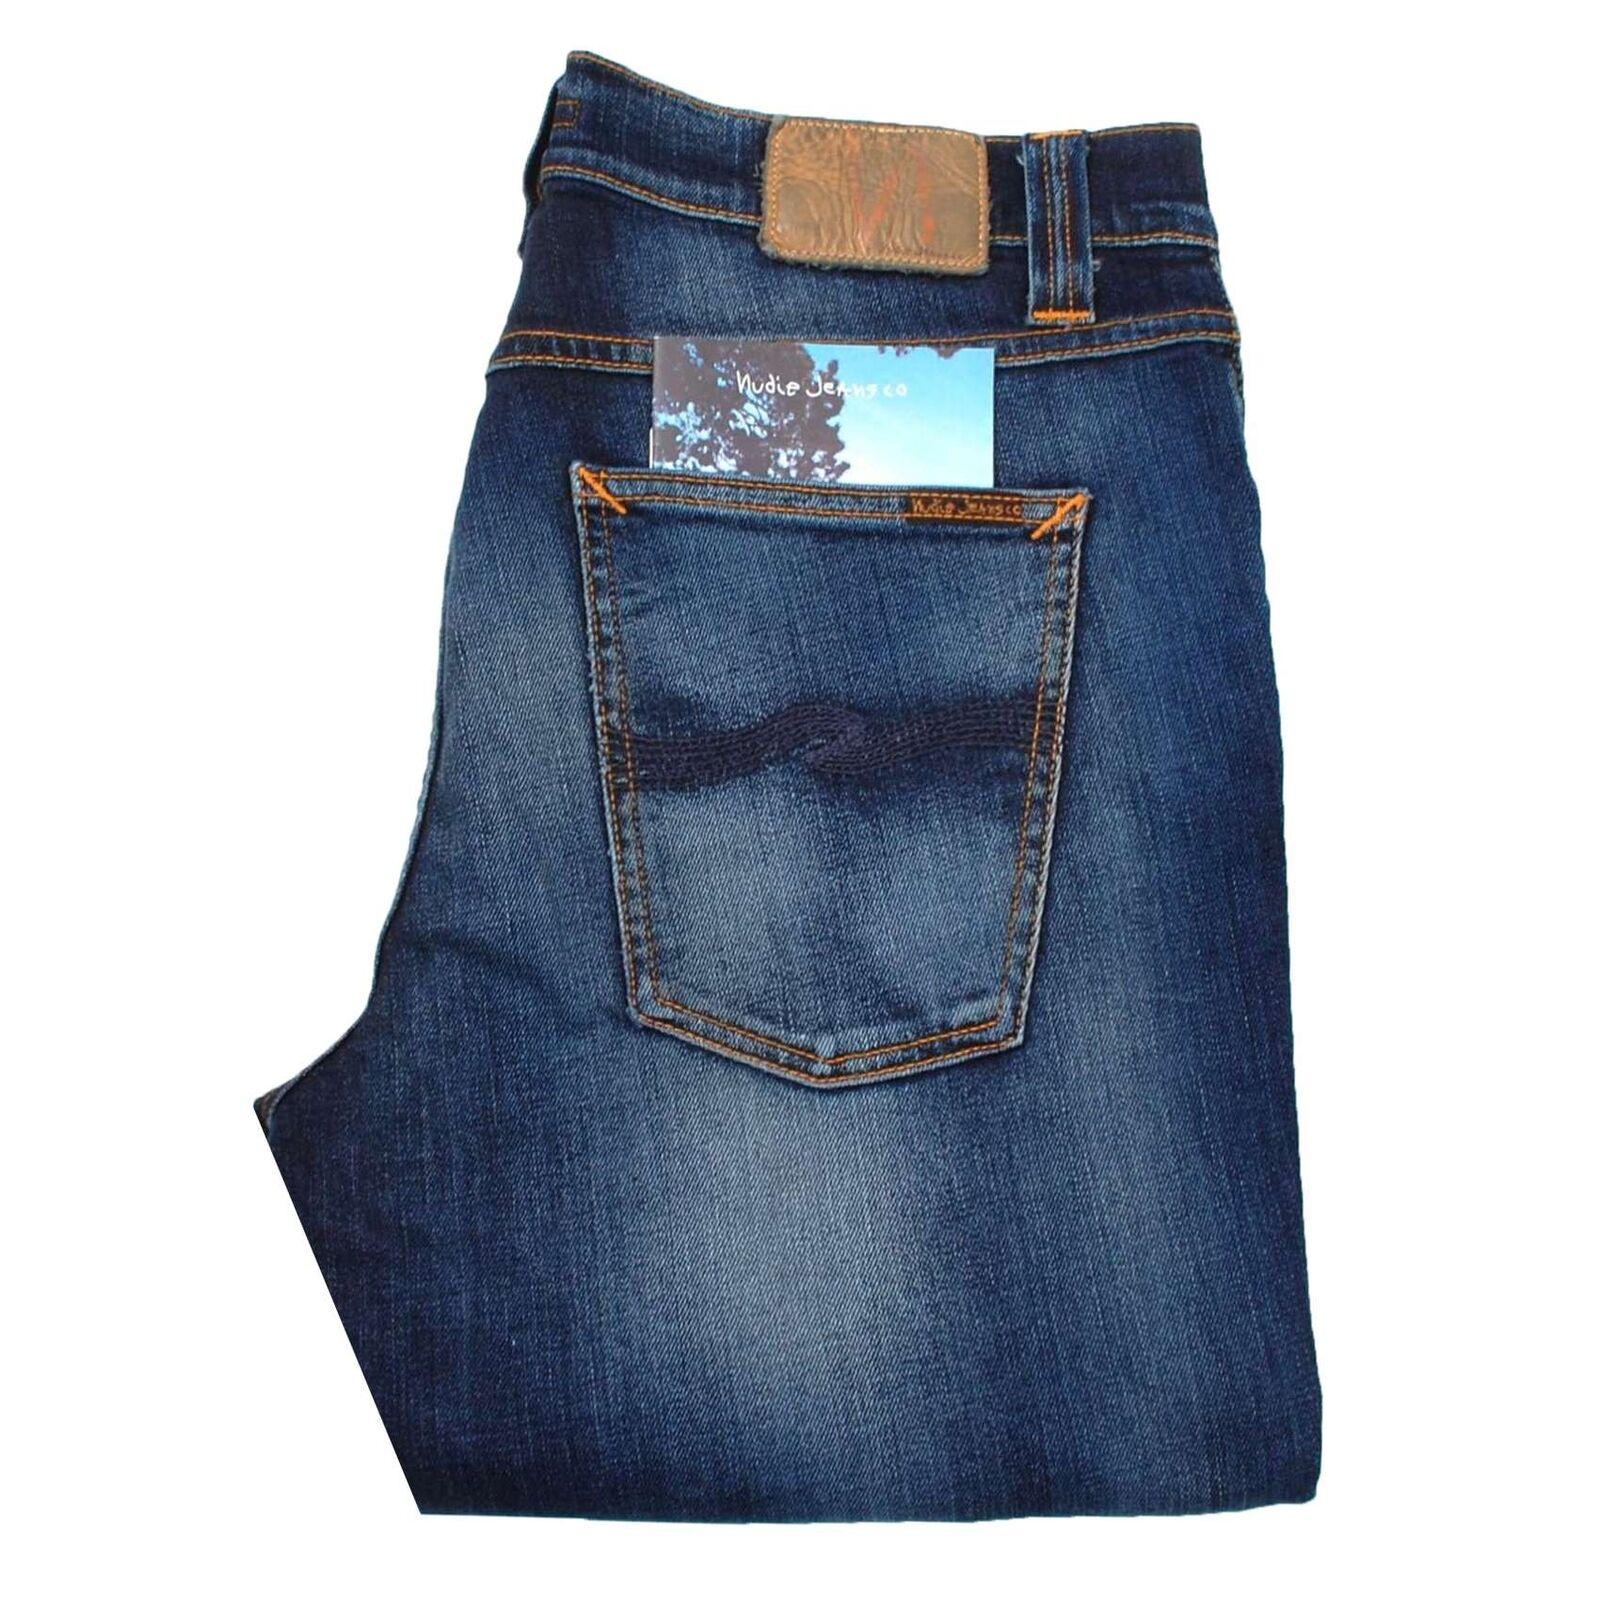 Nudie Jeans Mager Dekan Peel Blau Enge Passform 169 GBP Herren Größe 34 36